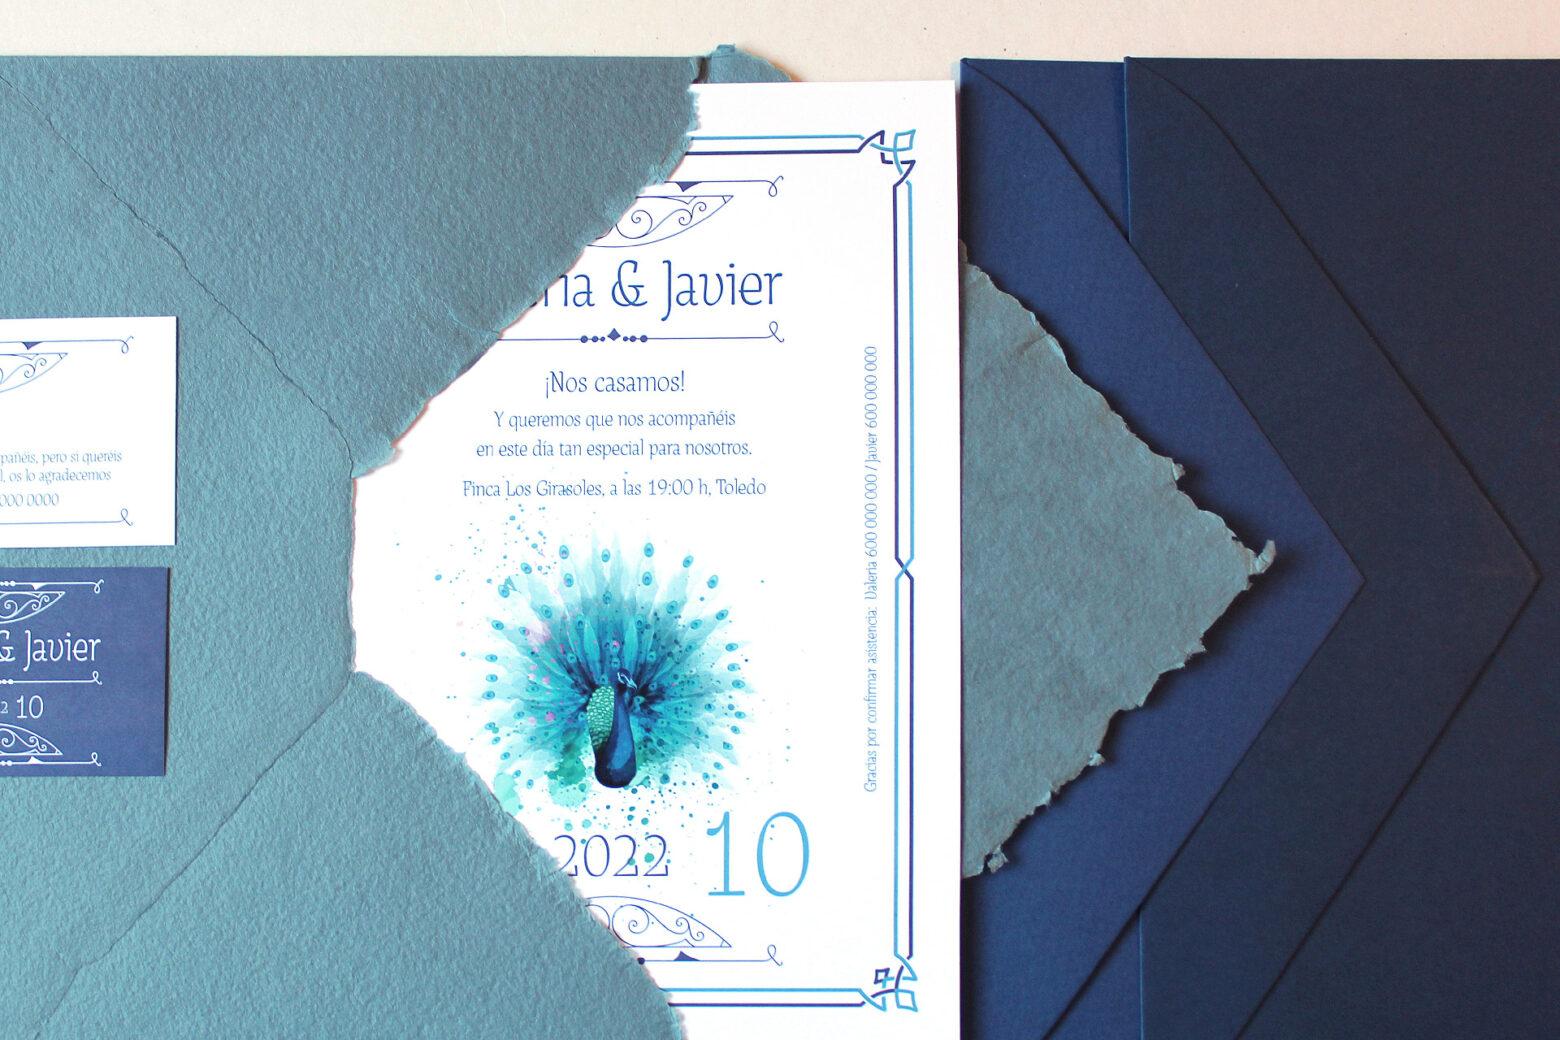 Invitacion de Boda Tipo Años 20 con Dibujo en Acuarela de Pavo Real en Azul -royal